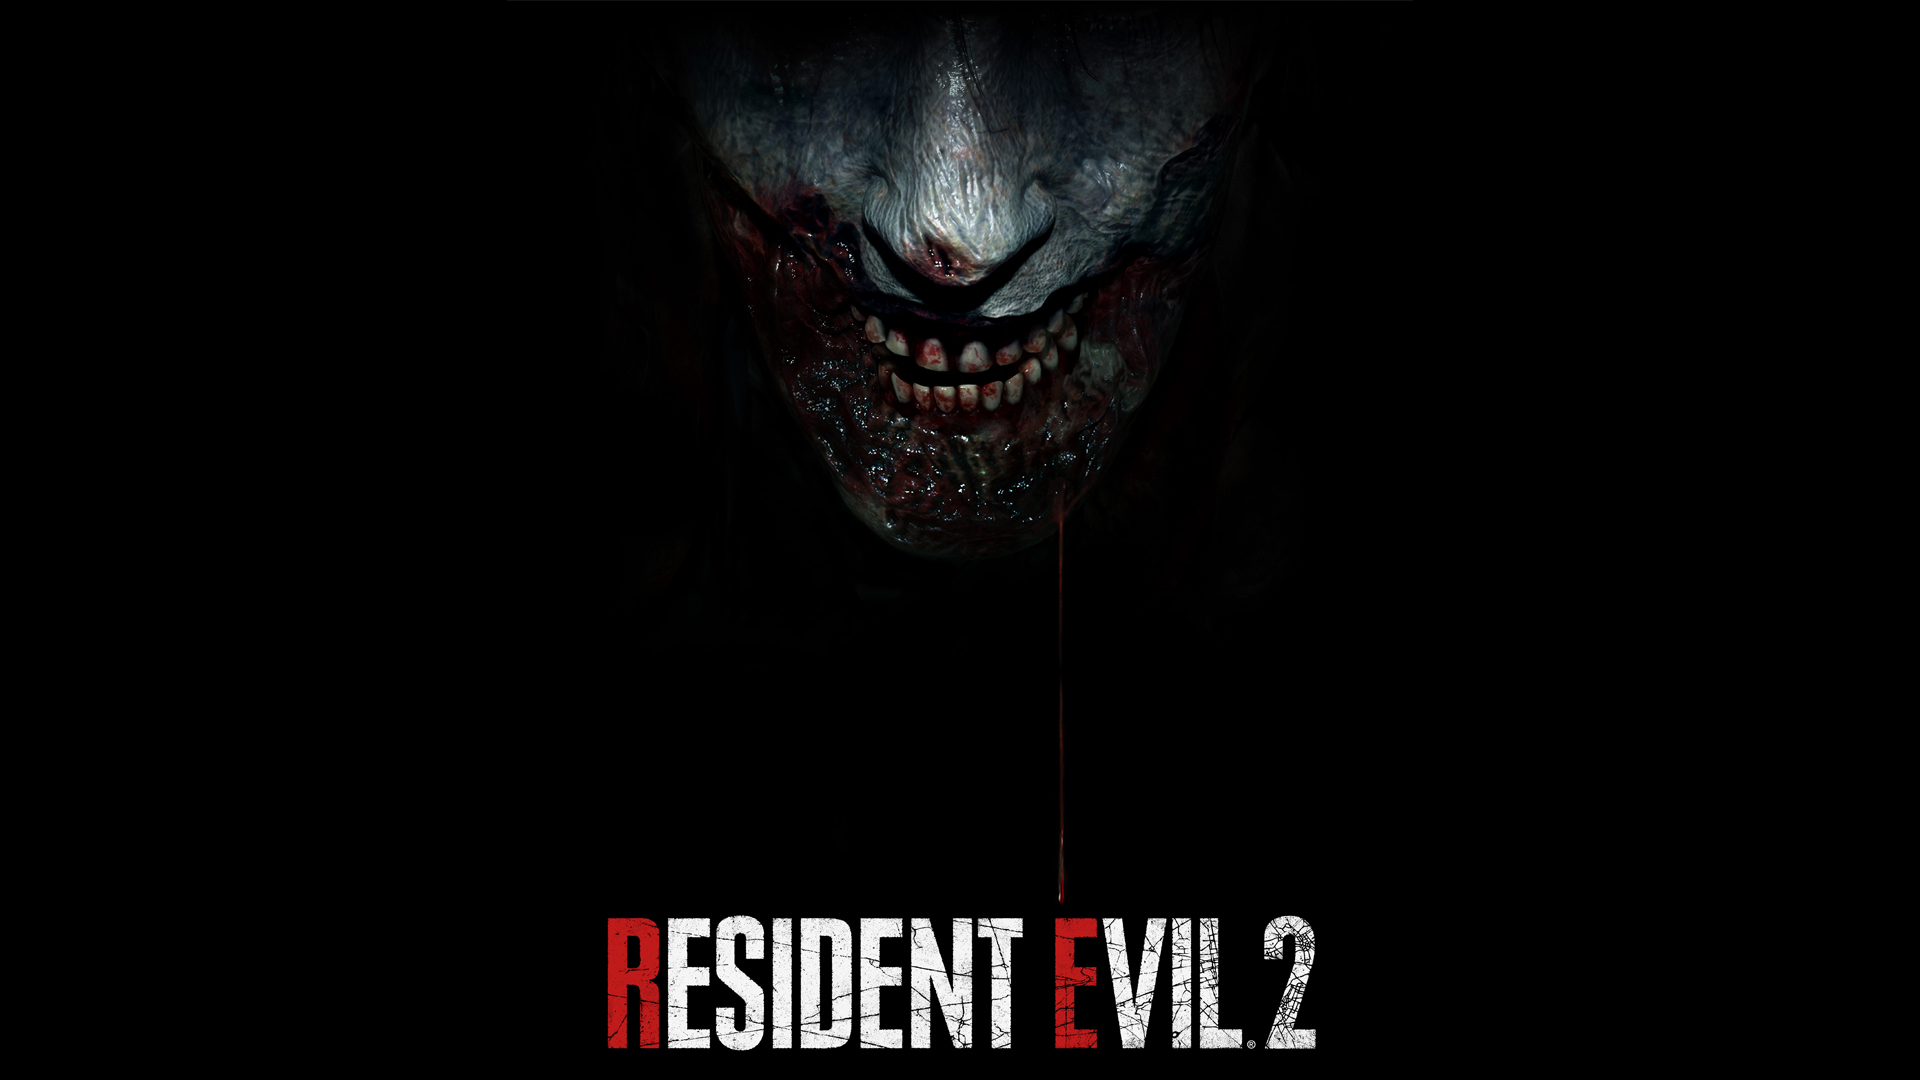 La demo de Resident Evil 2 Remake ya ha sido descargada más de un millón de veces